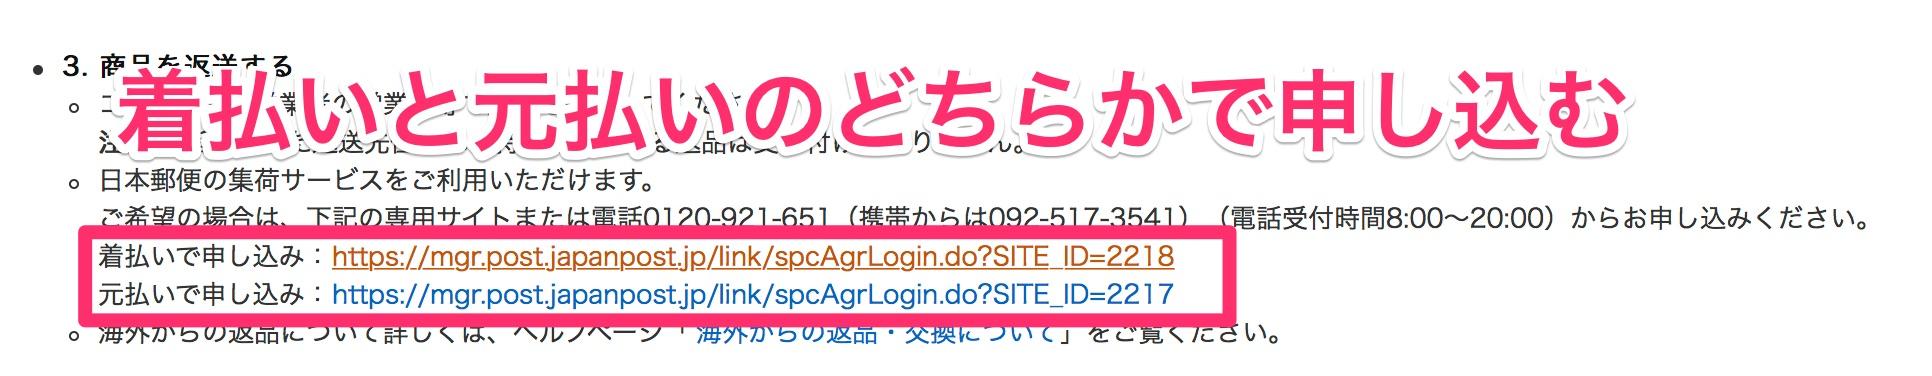 db17f6263bbb9df5f654e14bfb217864 - 試着しても0円で返品できる、Amazon Fashionを利用しよう